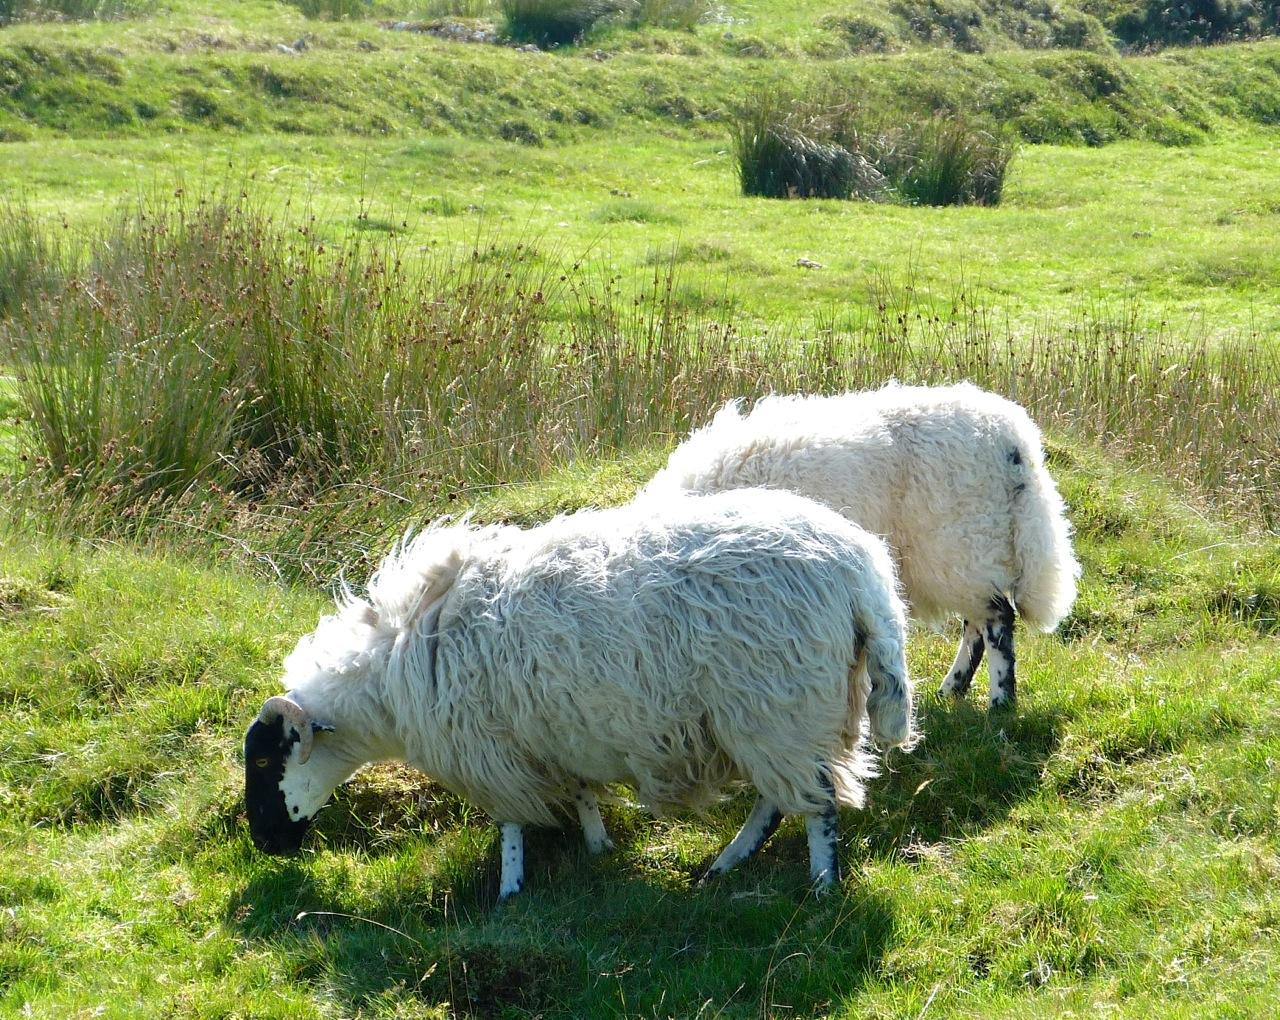 SHEEP ON DARTMOOR | ROLLING HARBOUR GALLERY: rollingharbourlife.wordpress.com/2013/09/25/sheep-on-dartmoor